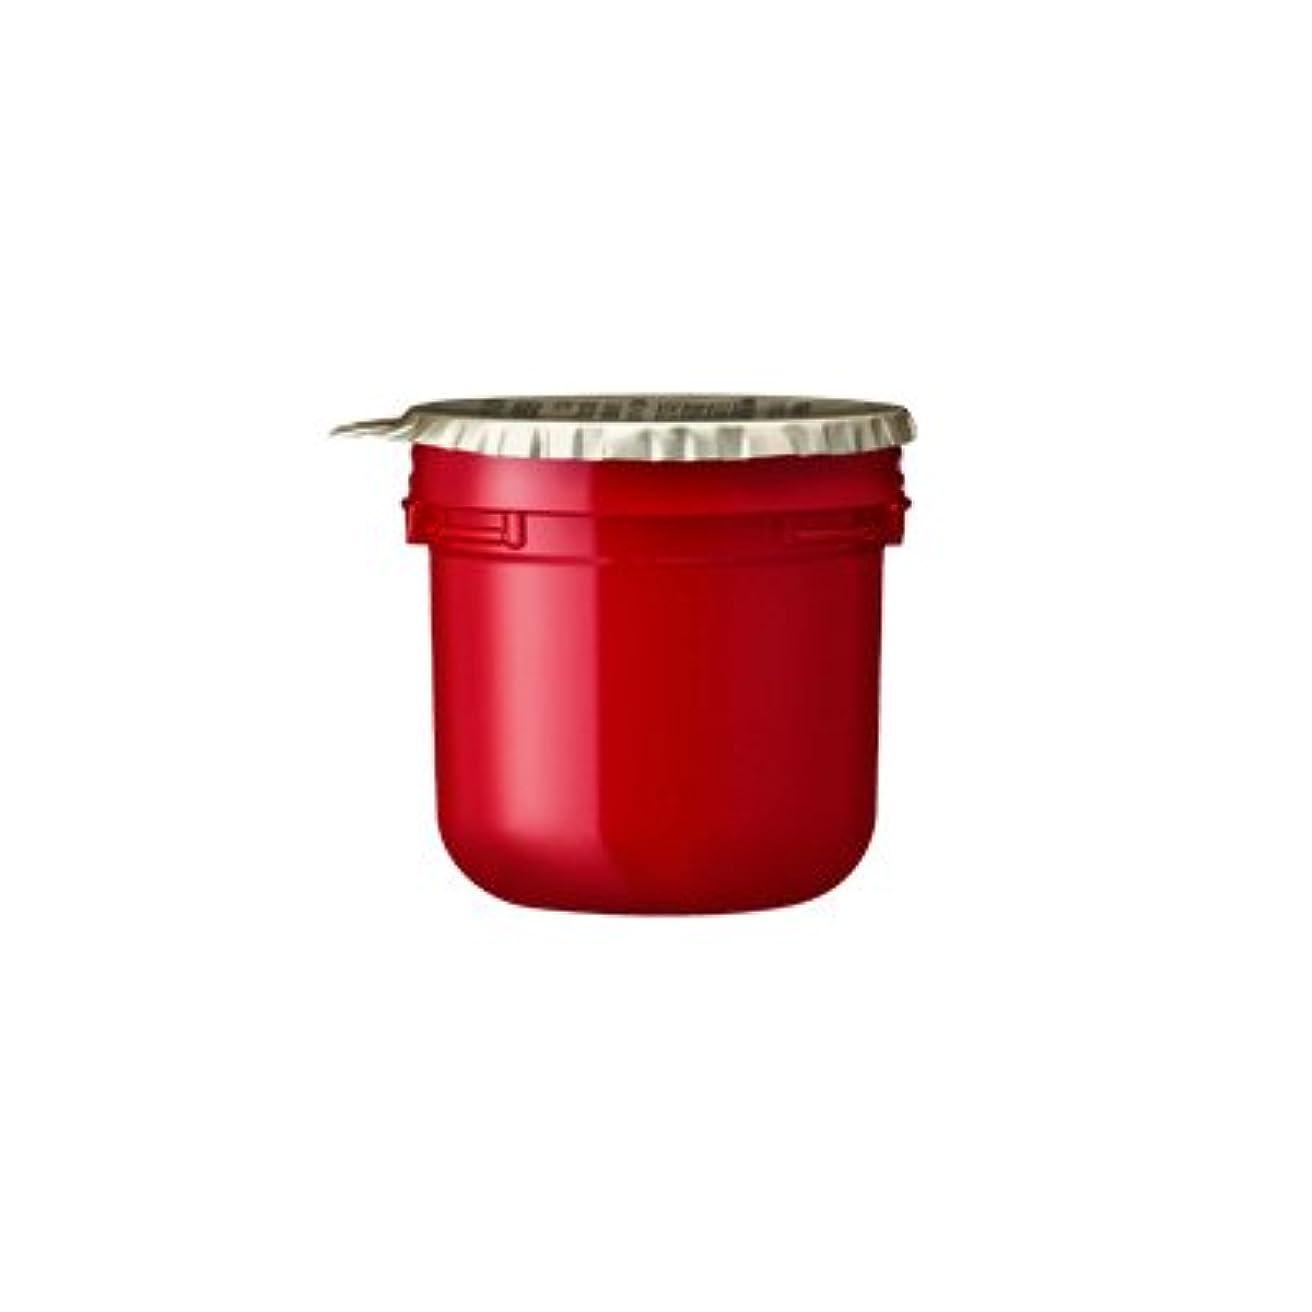 オーナメント融合便利さフジフイルム アスタリフト クリーム (レフィル) 30g リニューアル (4547410340594)並行輸入品